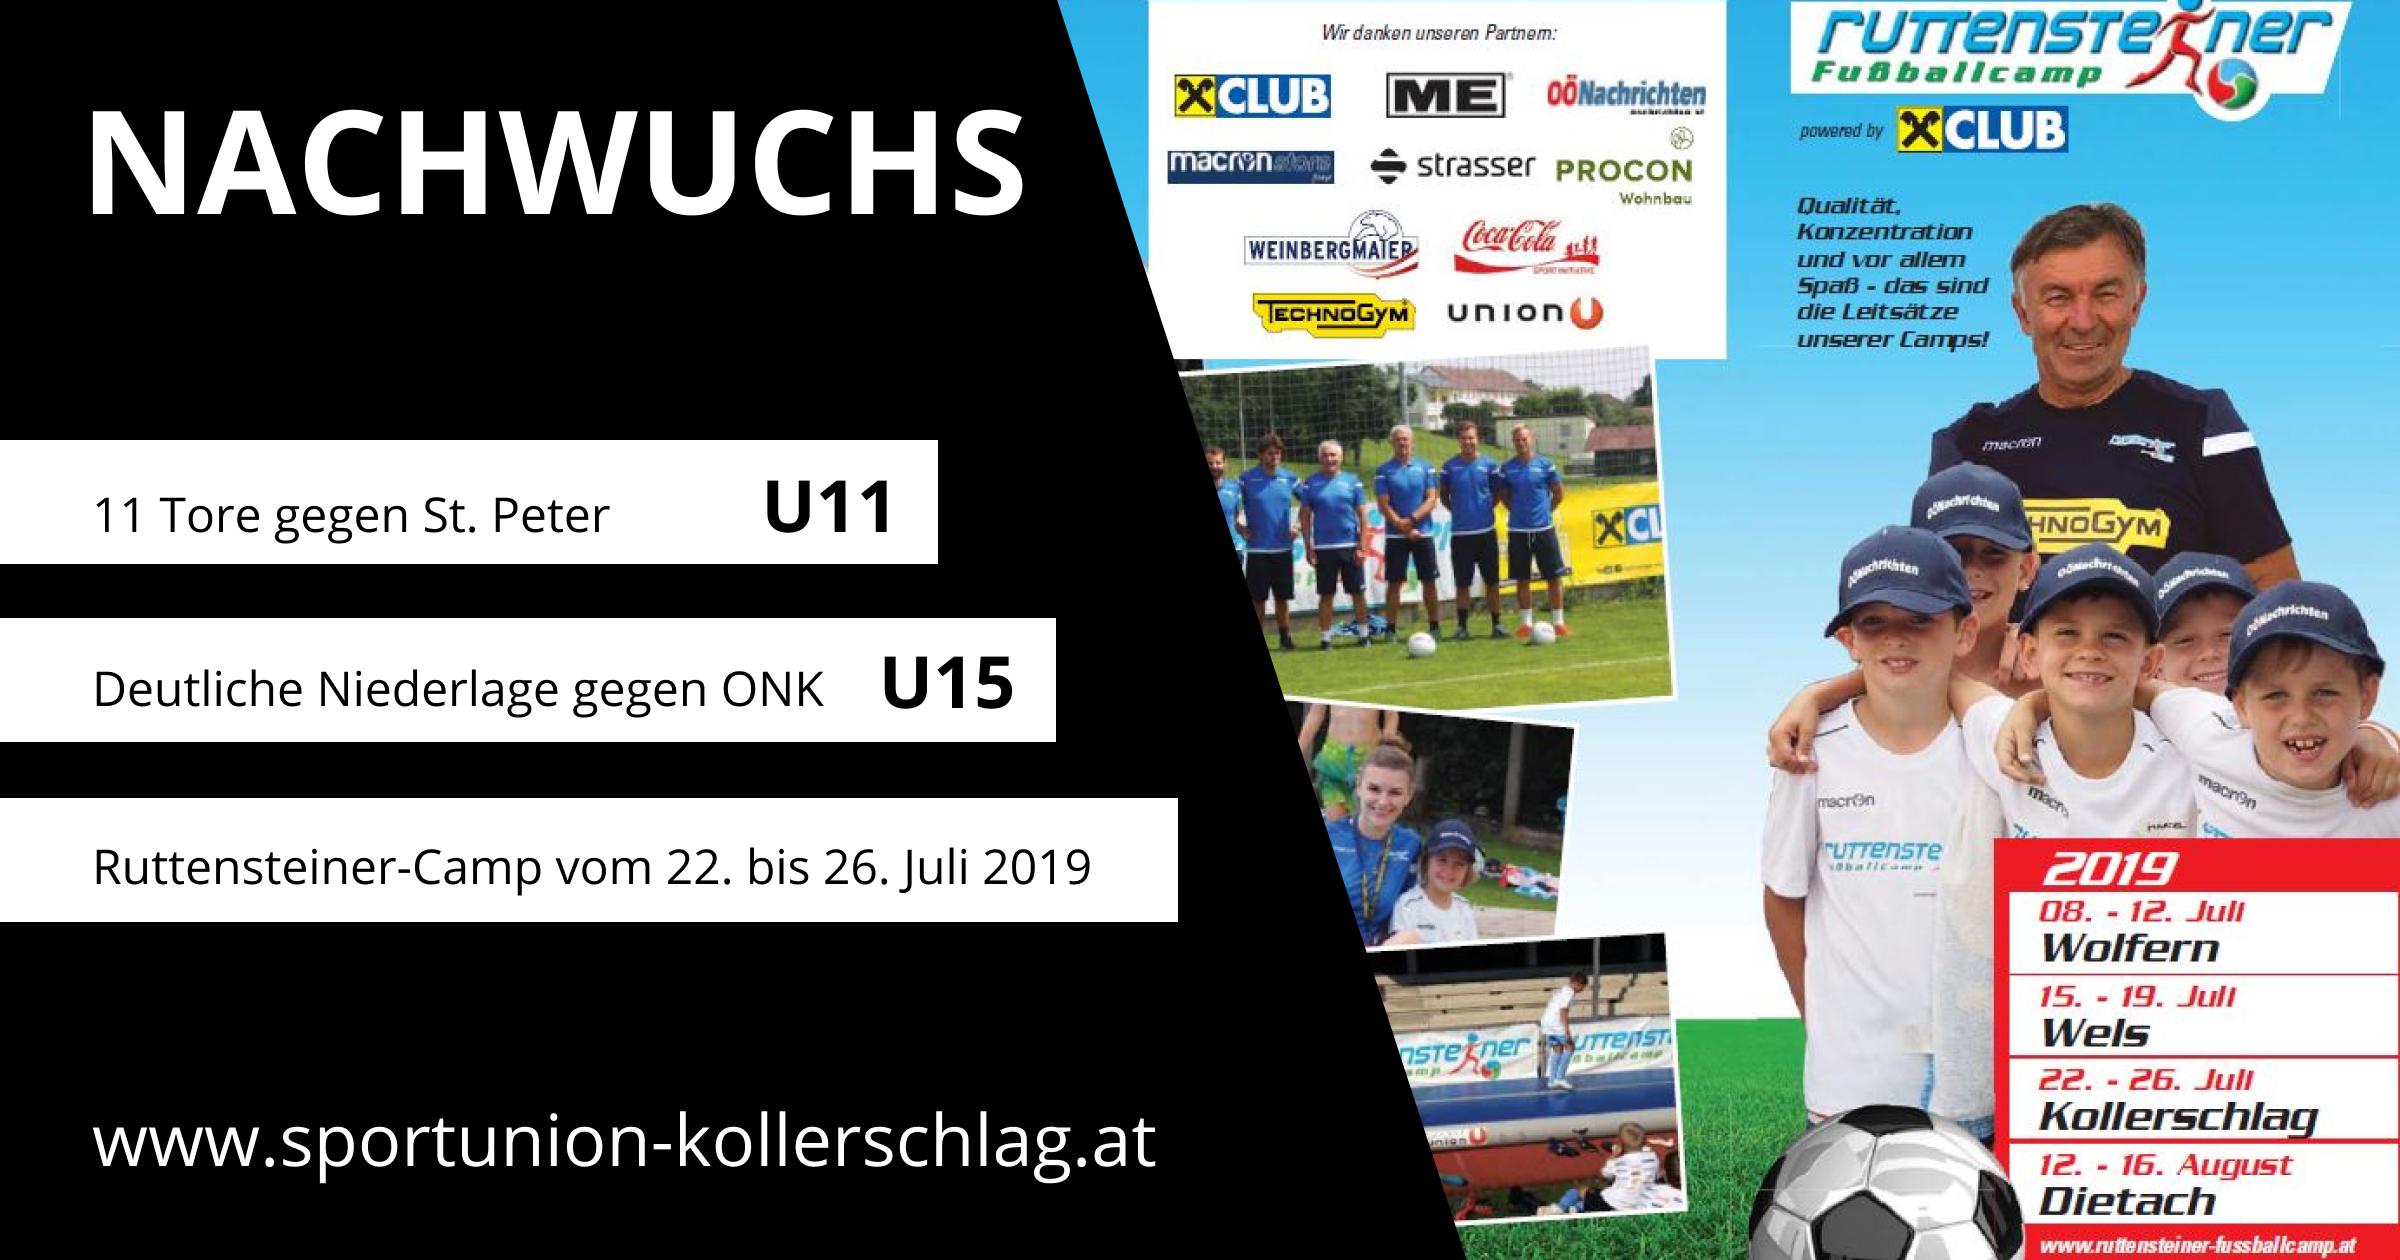 Willi Ruttensteiner Fußball-Camp vom 22. bis 26. Juli 2019